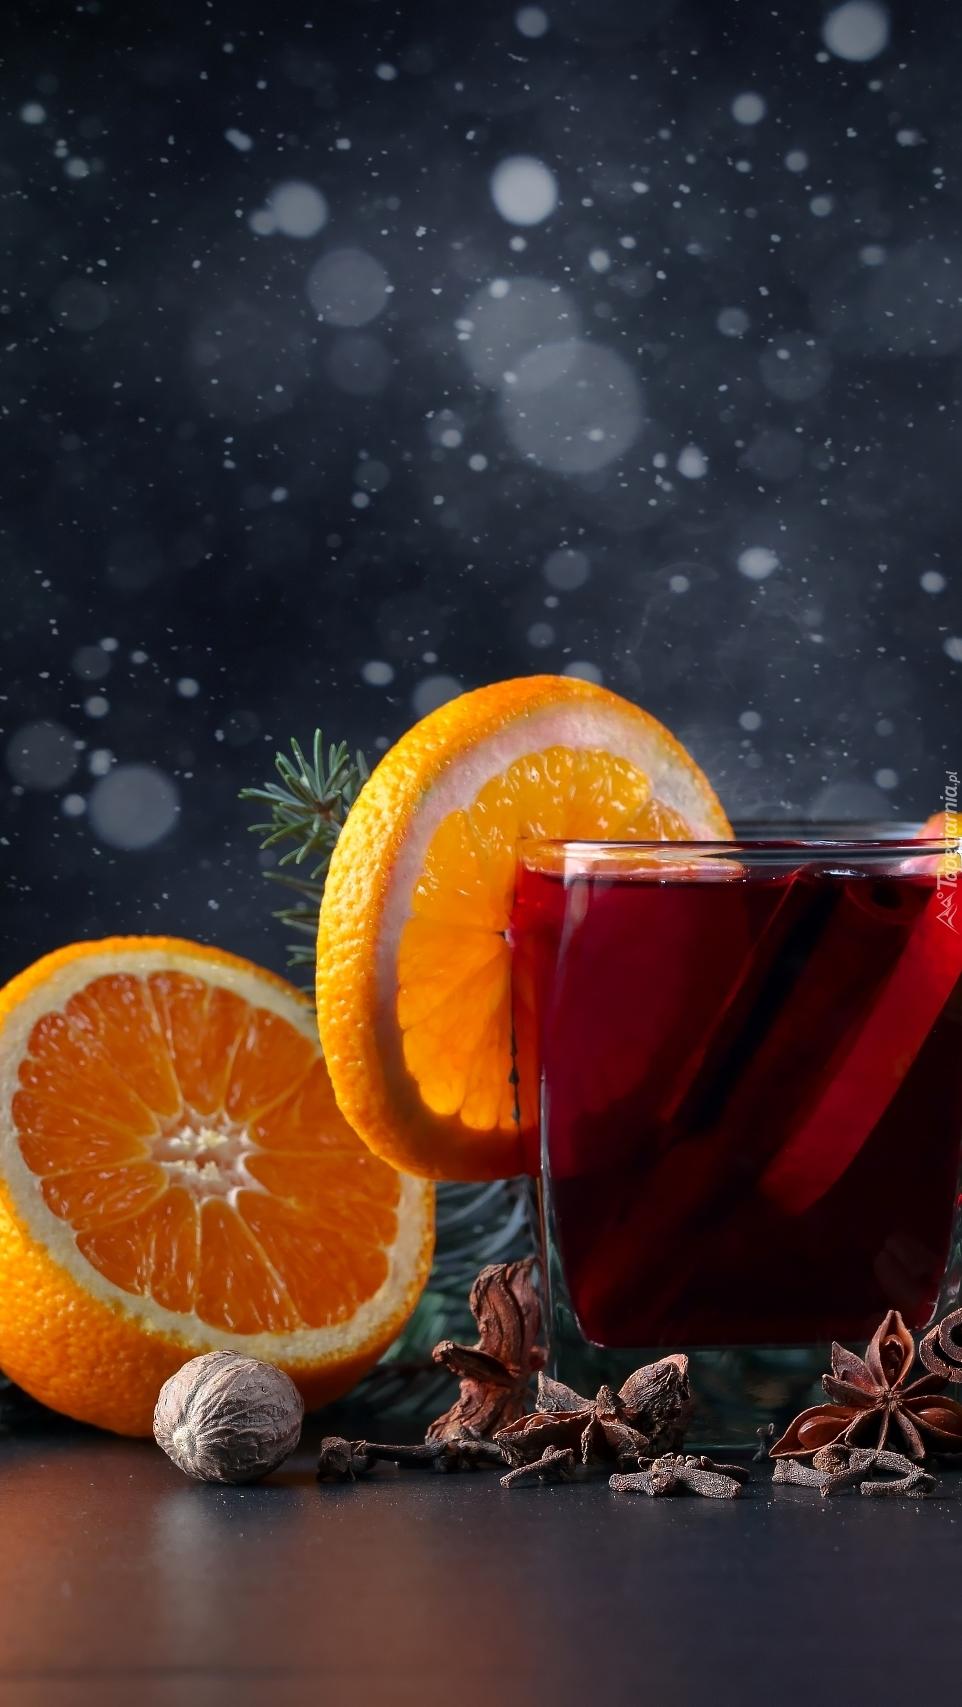 Grzane wino z plasterkiem pomarańczy